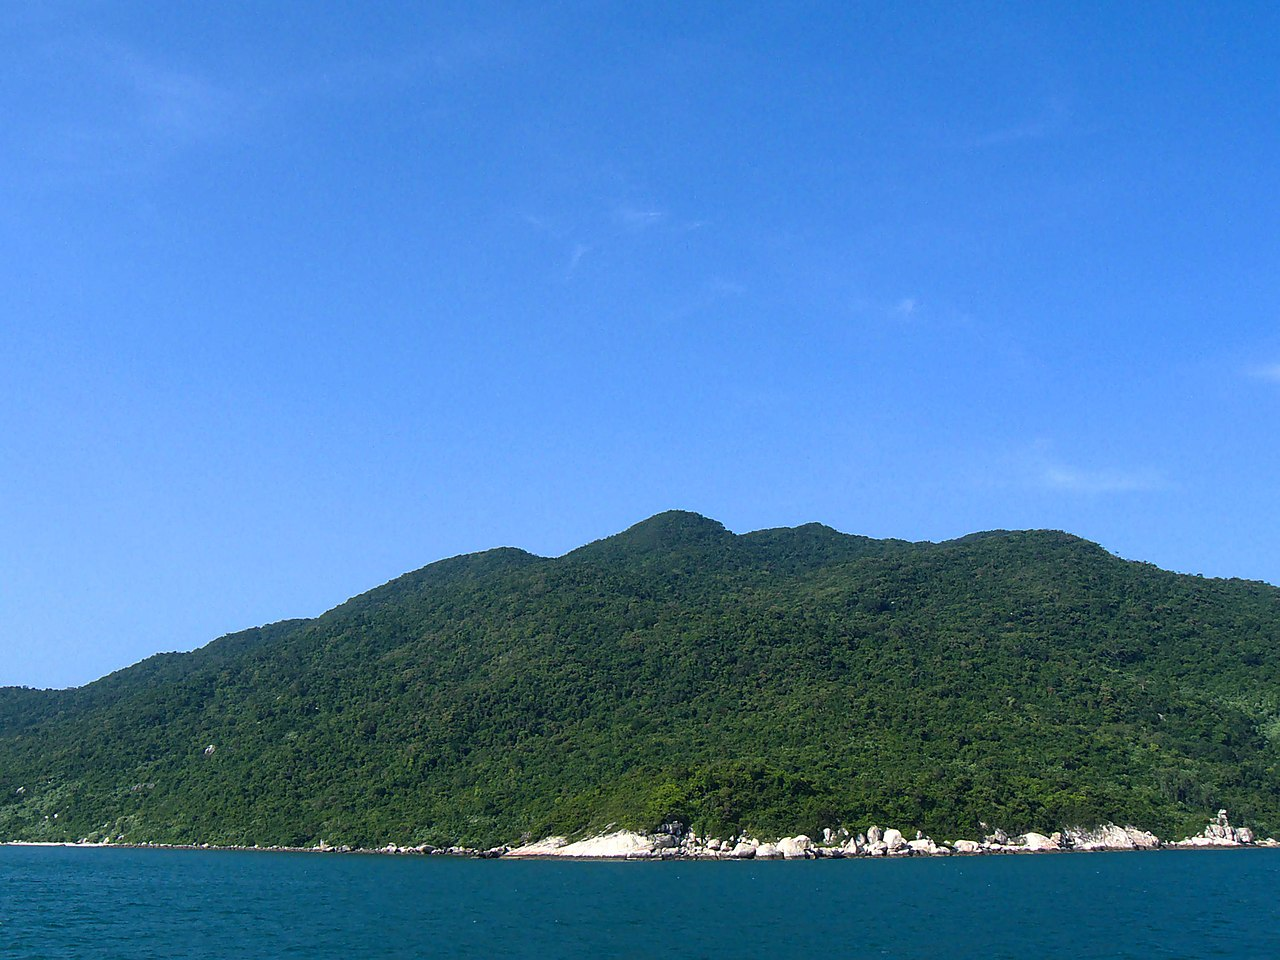 Cham Island in Vietnam